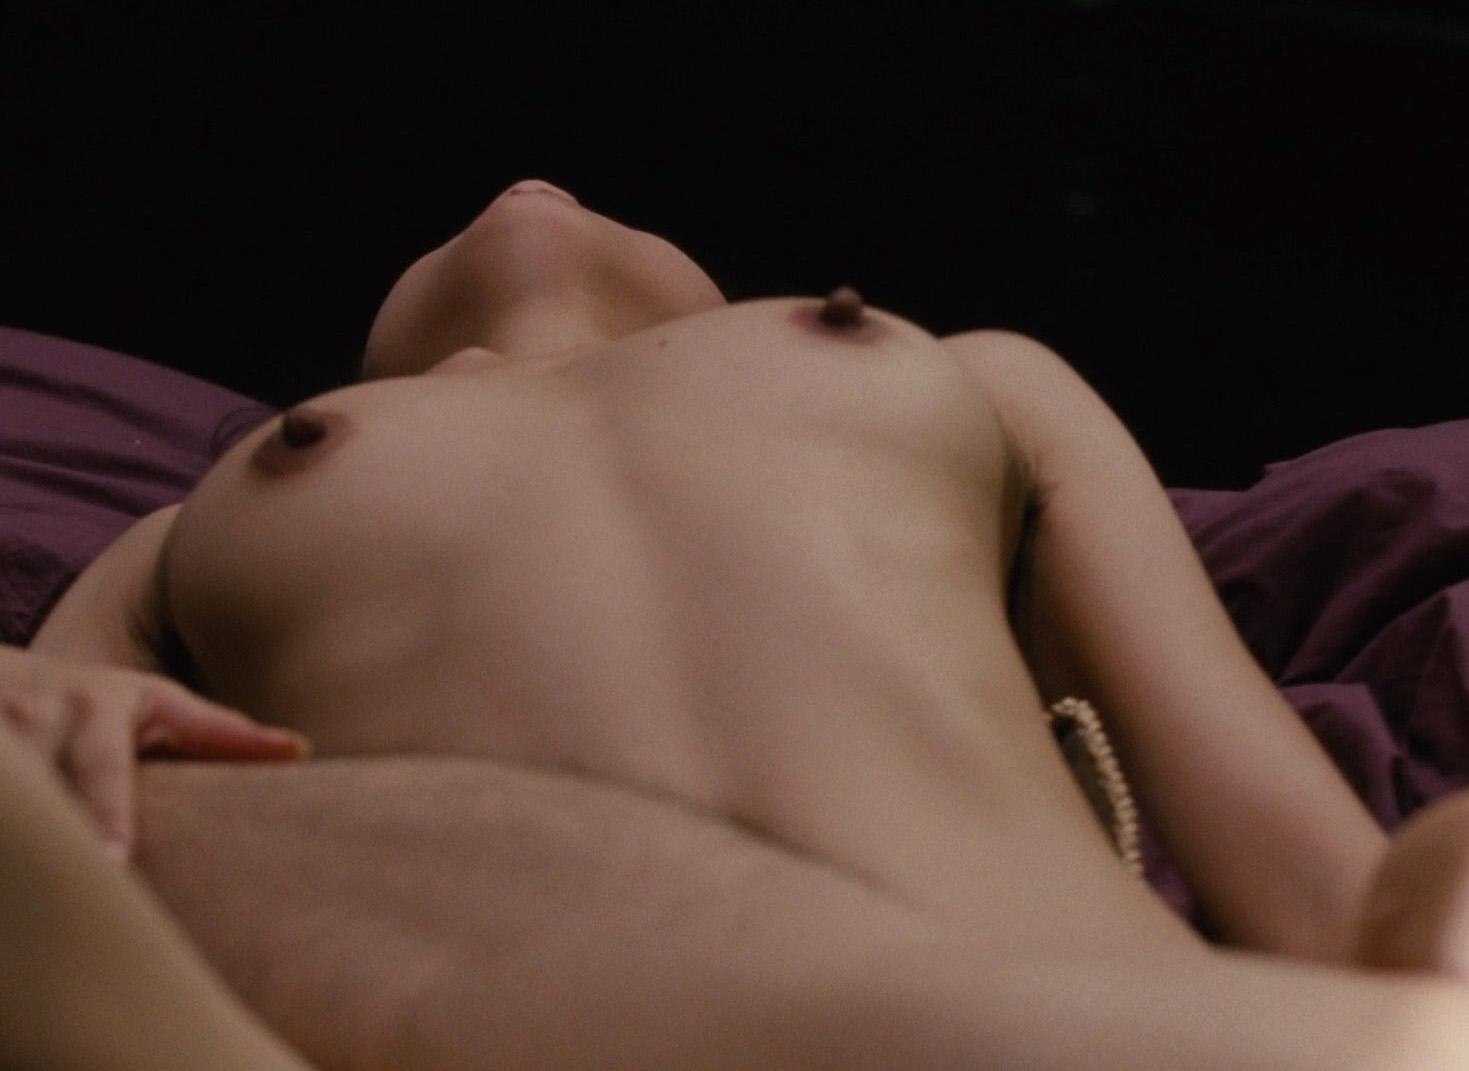 wei tang nude